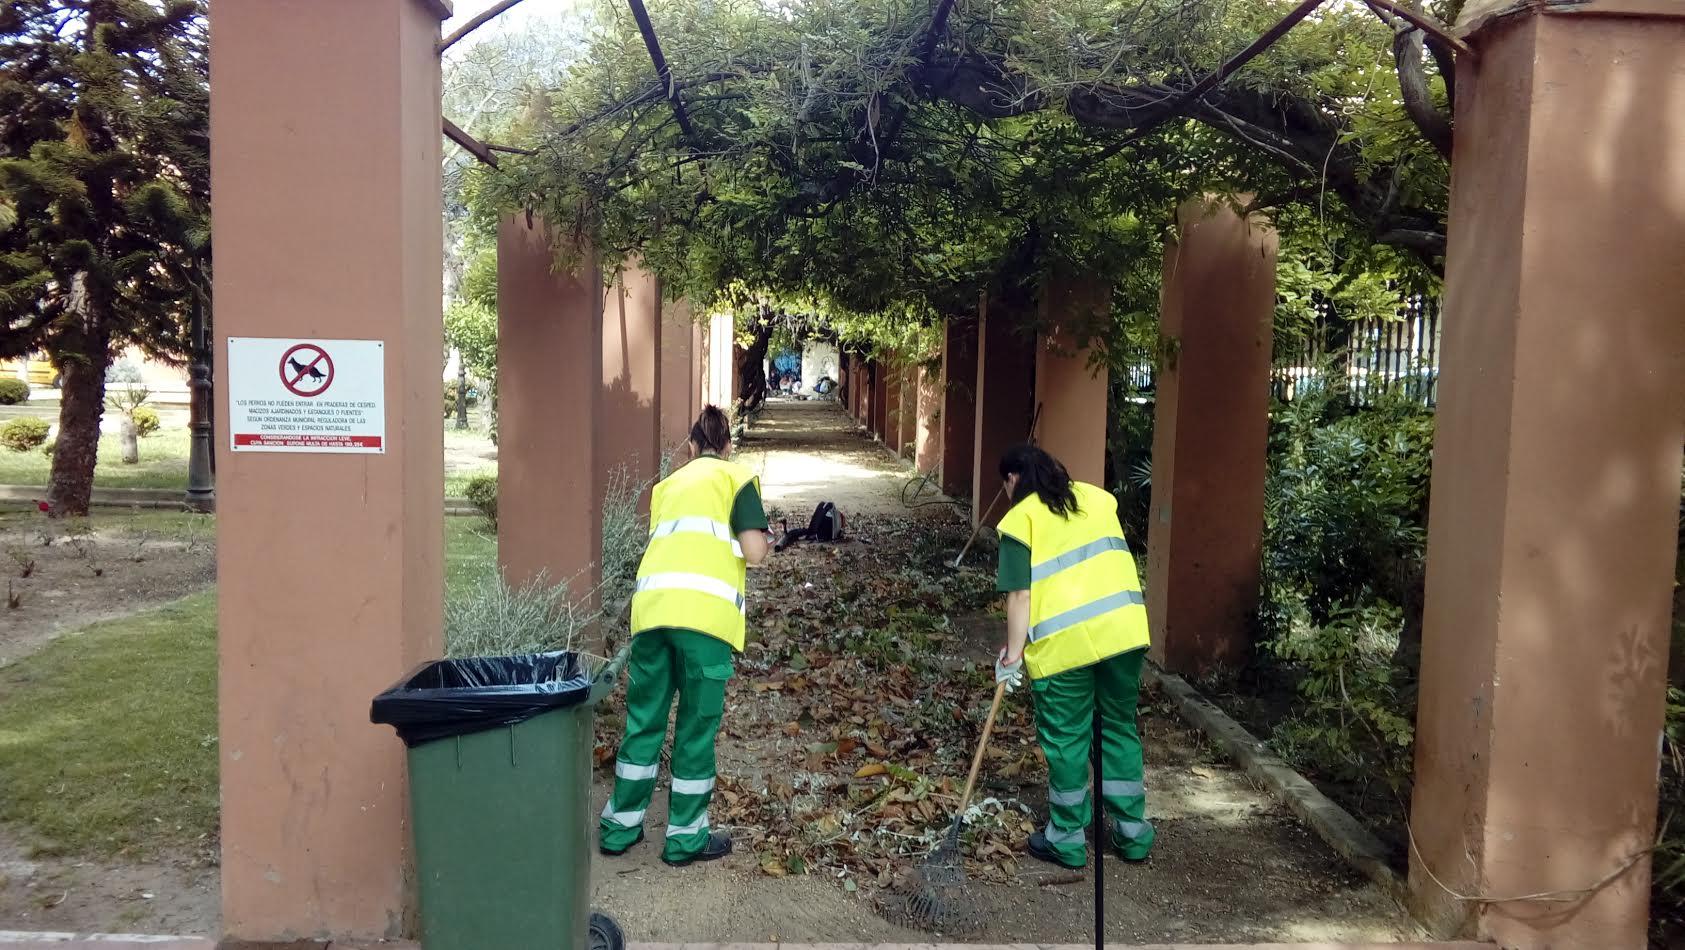 Trabajos de poda y mantenimiento en los jardines for Mantenimiento parques y jardines